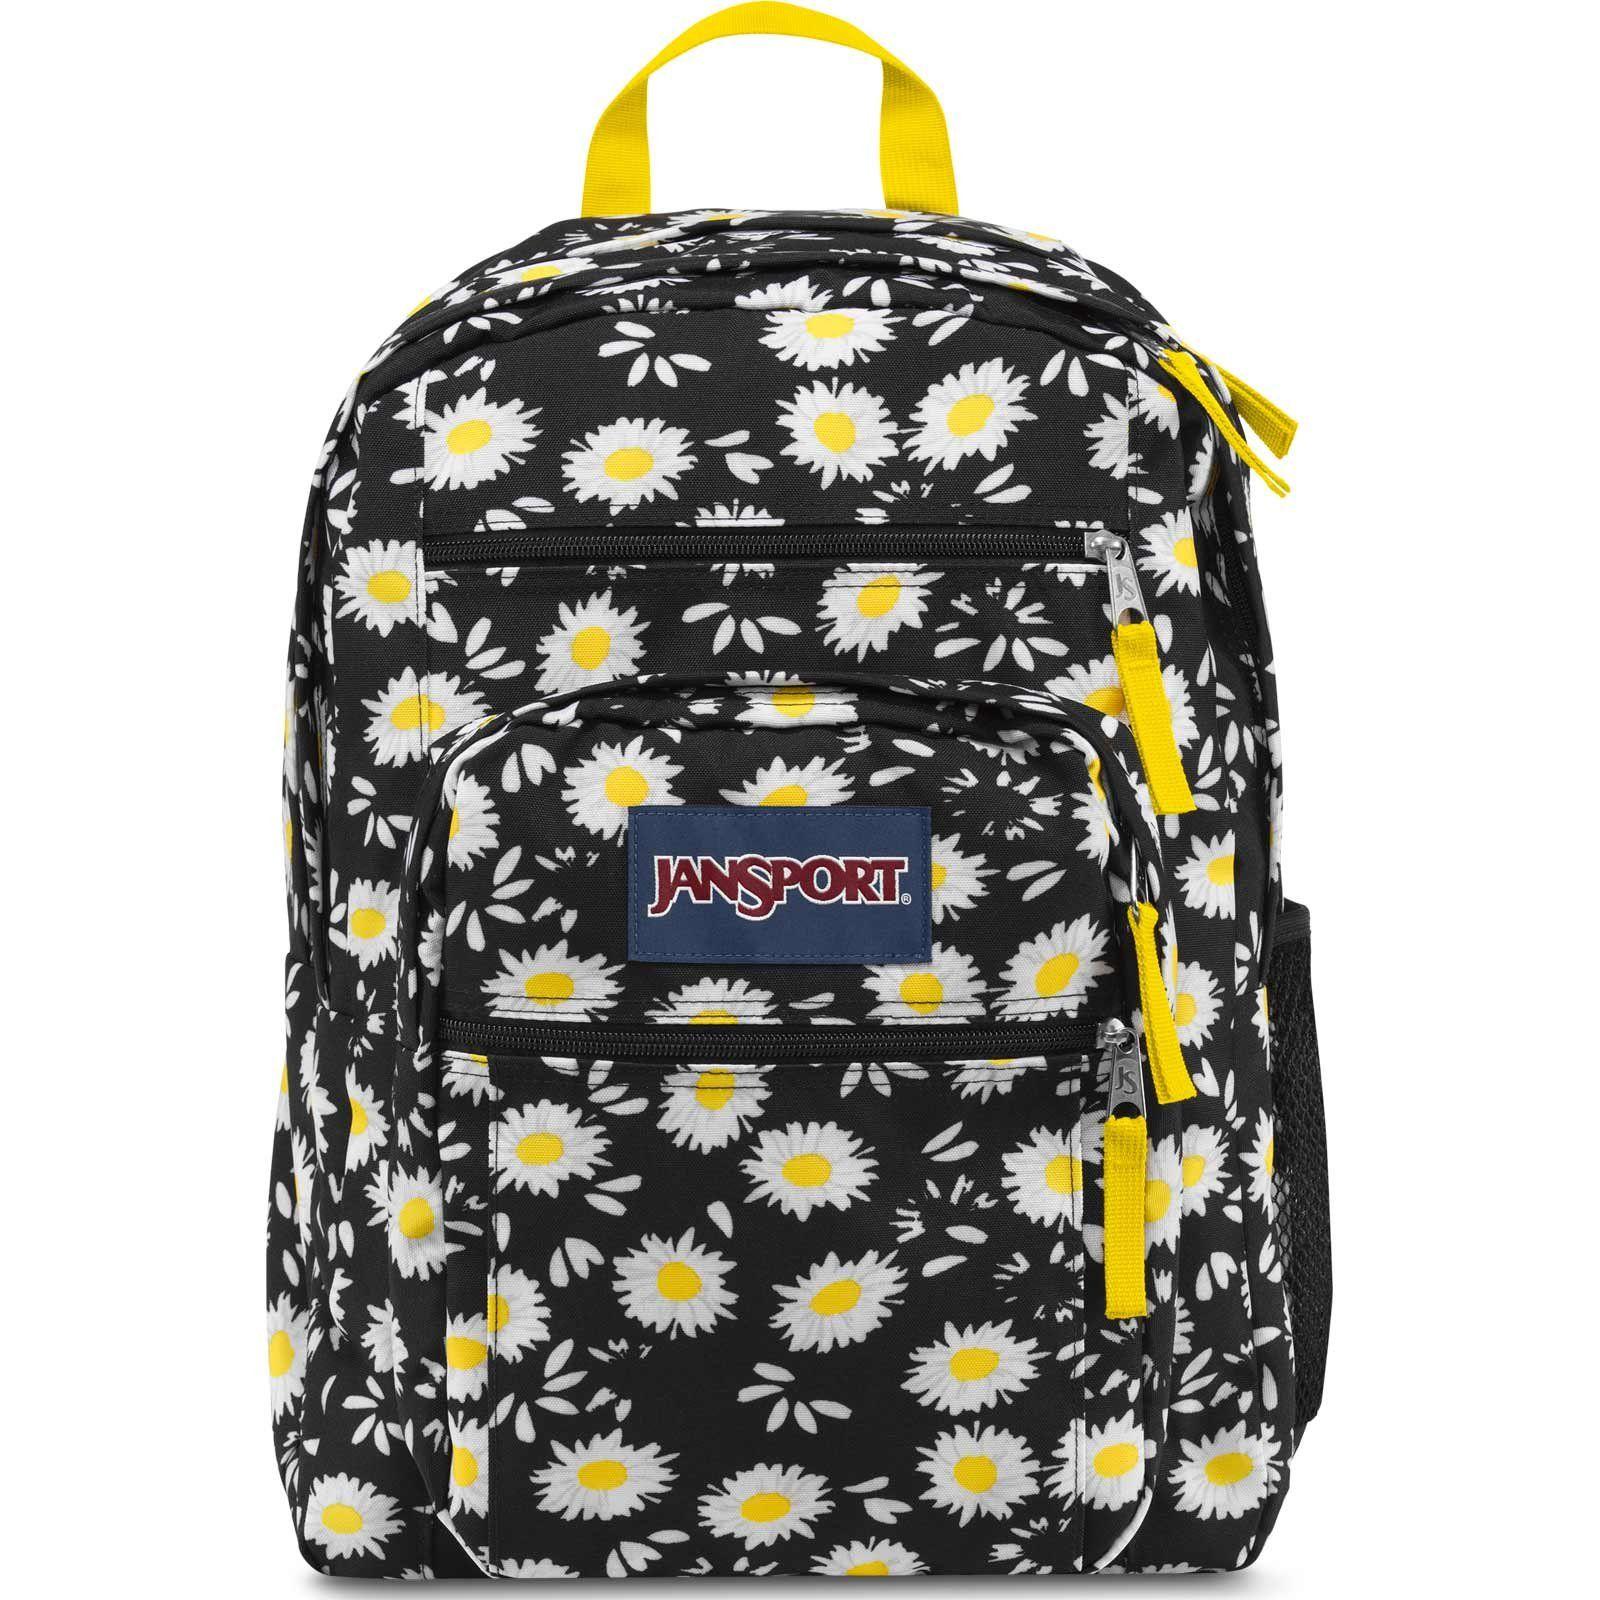 jansport big student backpack black clothing book